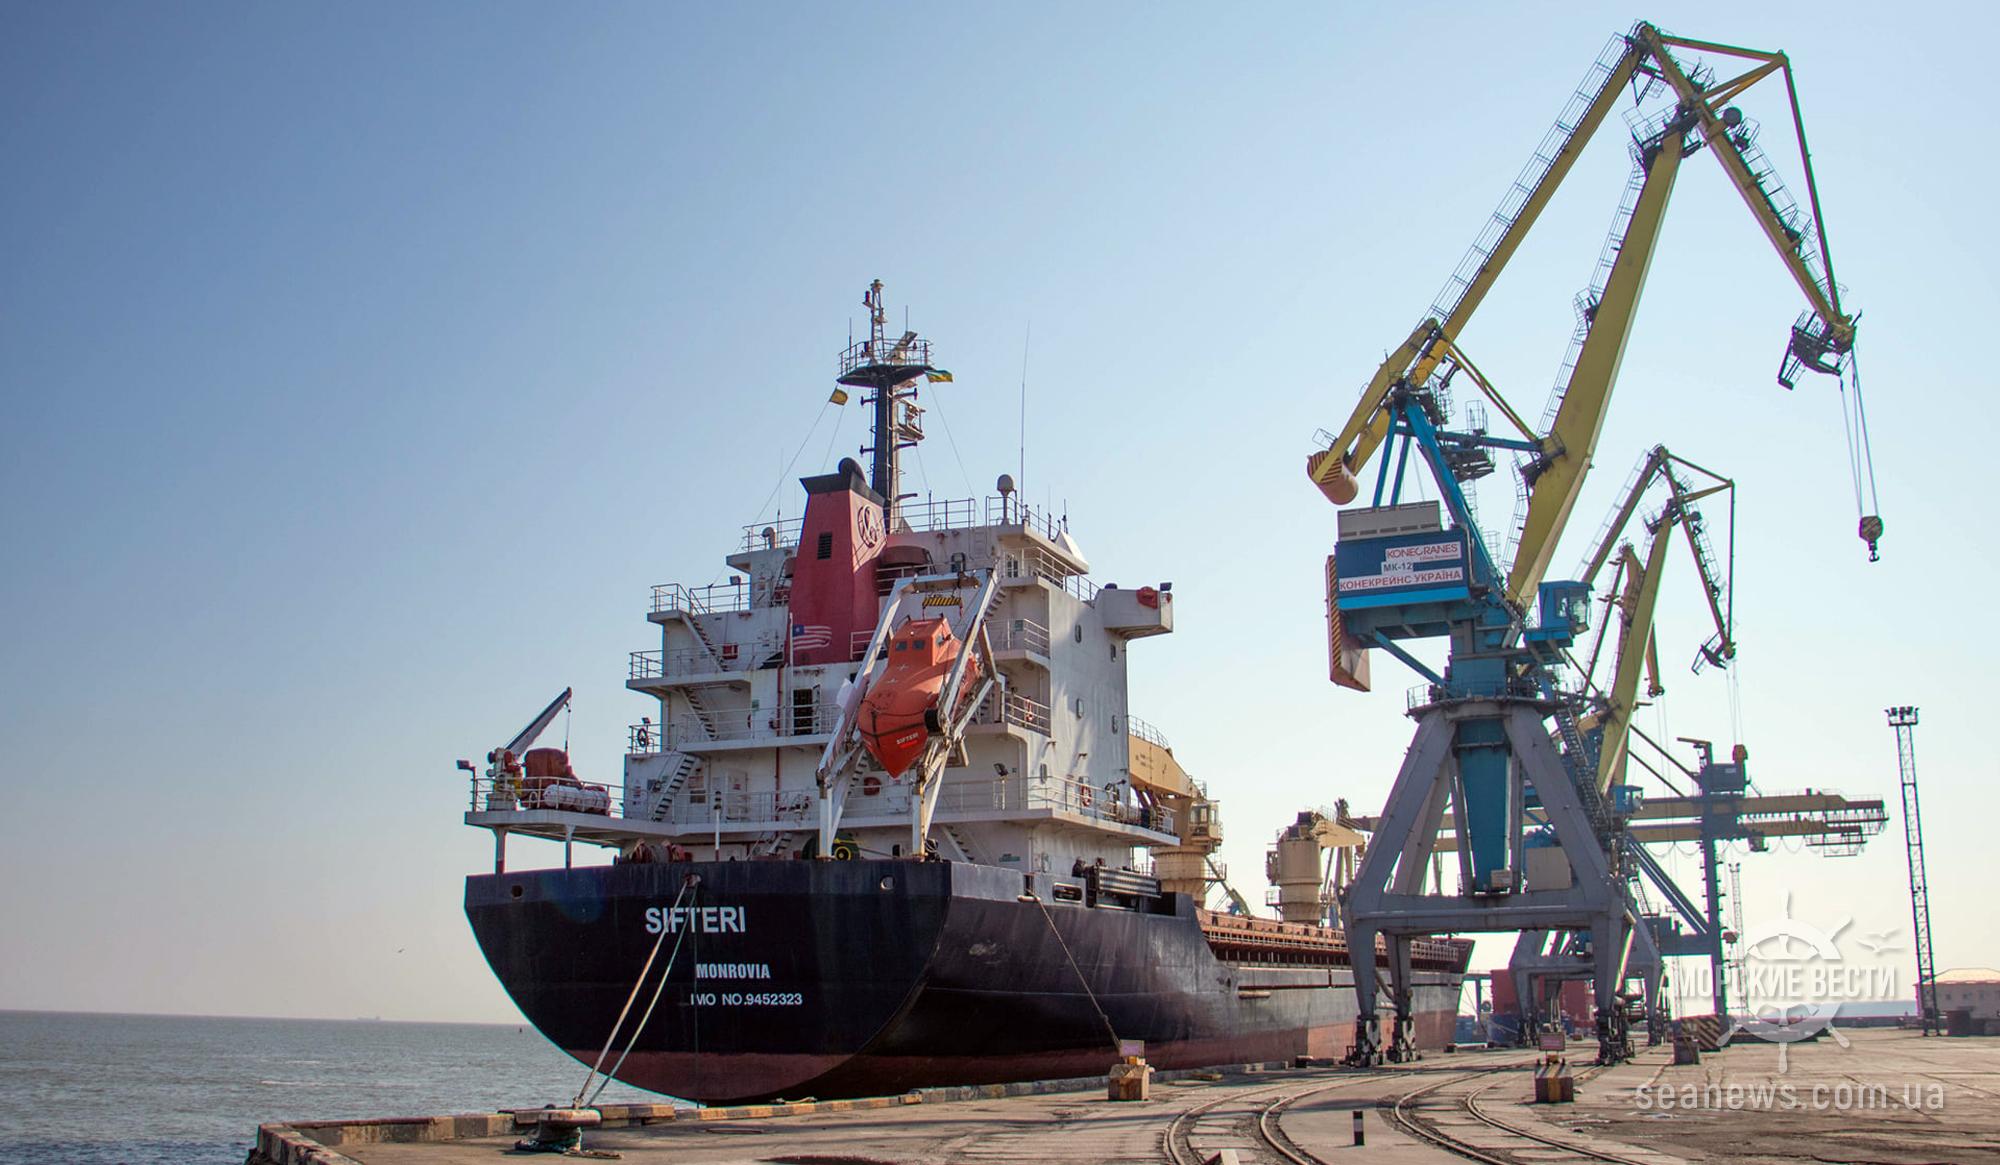 Порты Украины продолжают снижать отрицательную динамику перевалки зерна